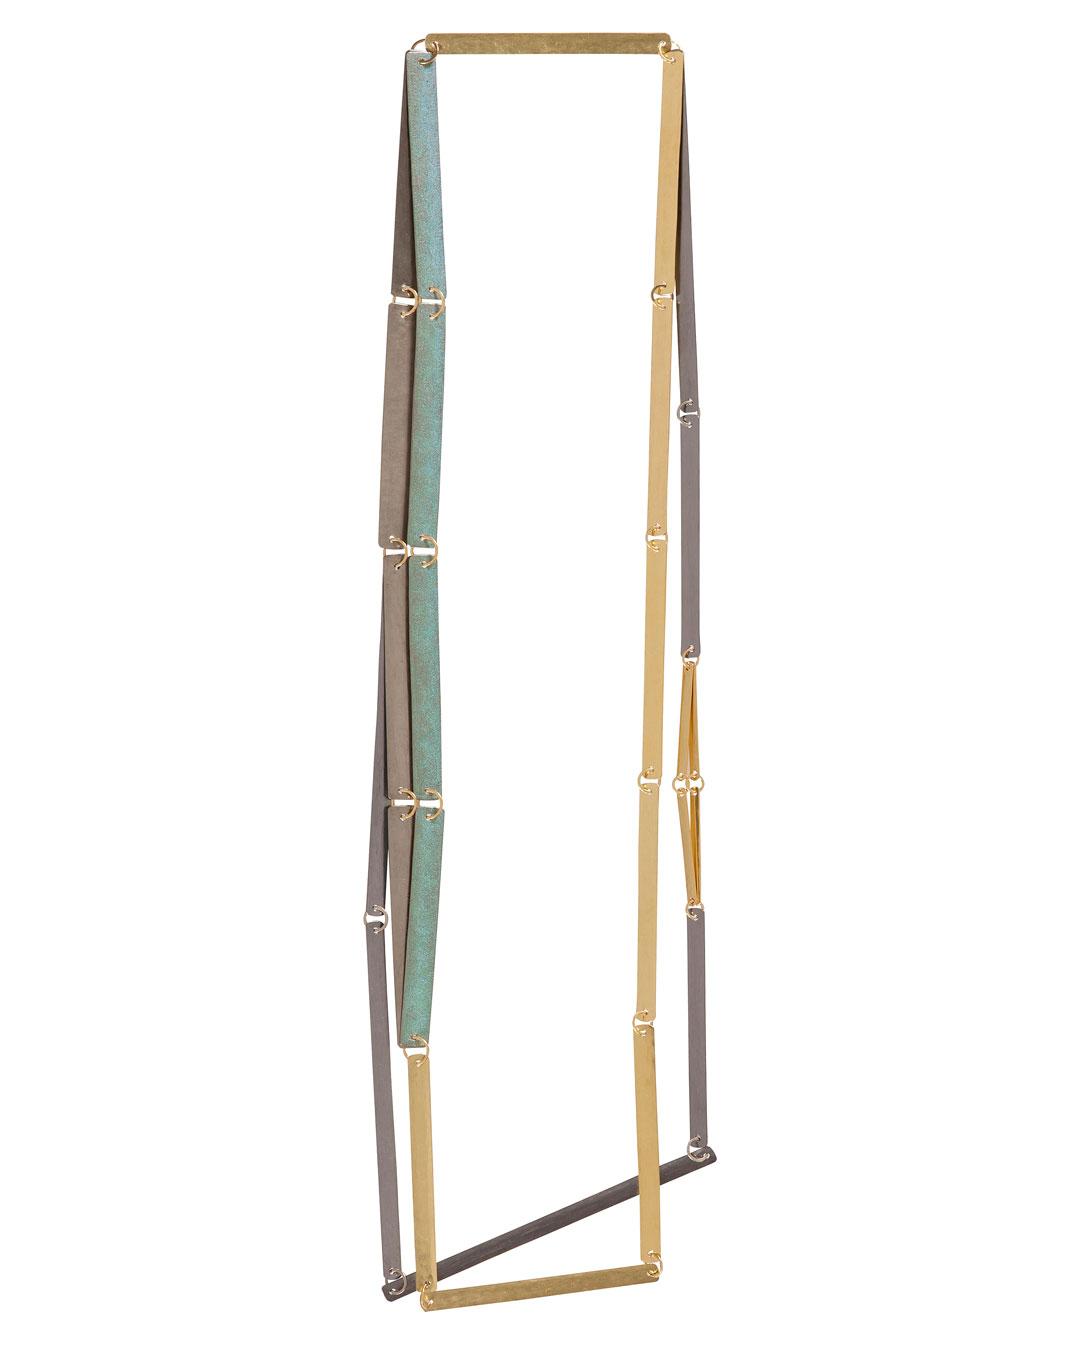 Annelies Planteijdt, Mooie stad - Collier en theedoeken, 2017, ketting; goud, tantalium, titanium, pigment, 180 x 360 mm, €7450 (afbeelding 2/3)